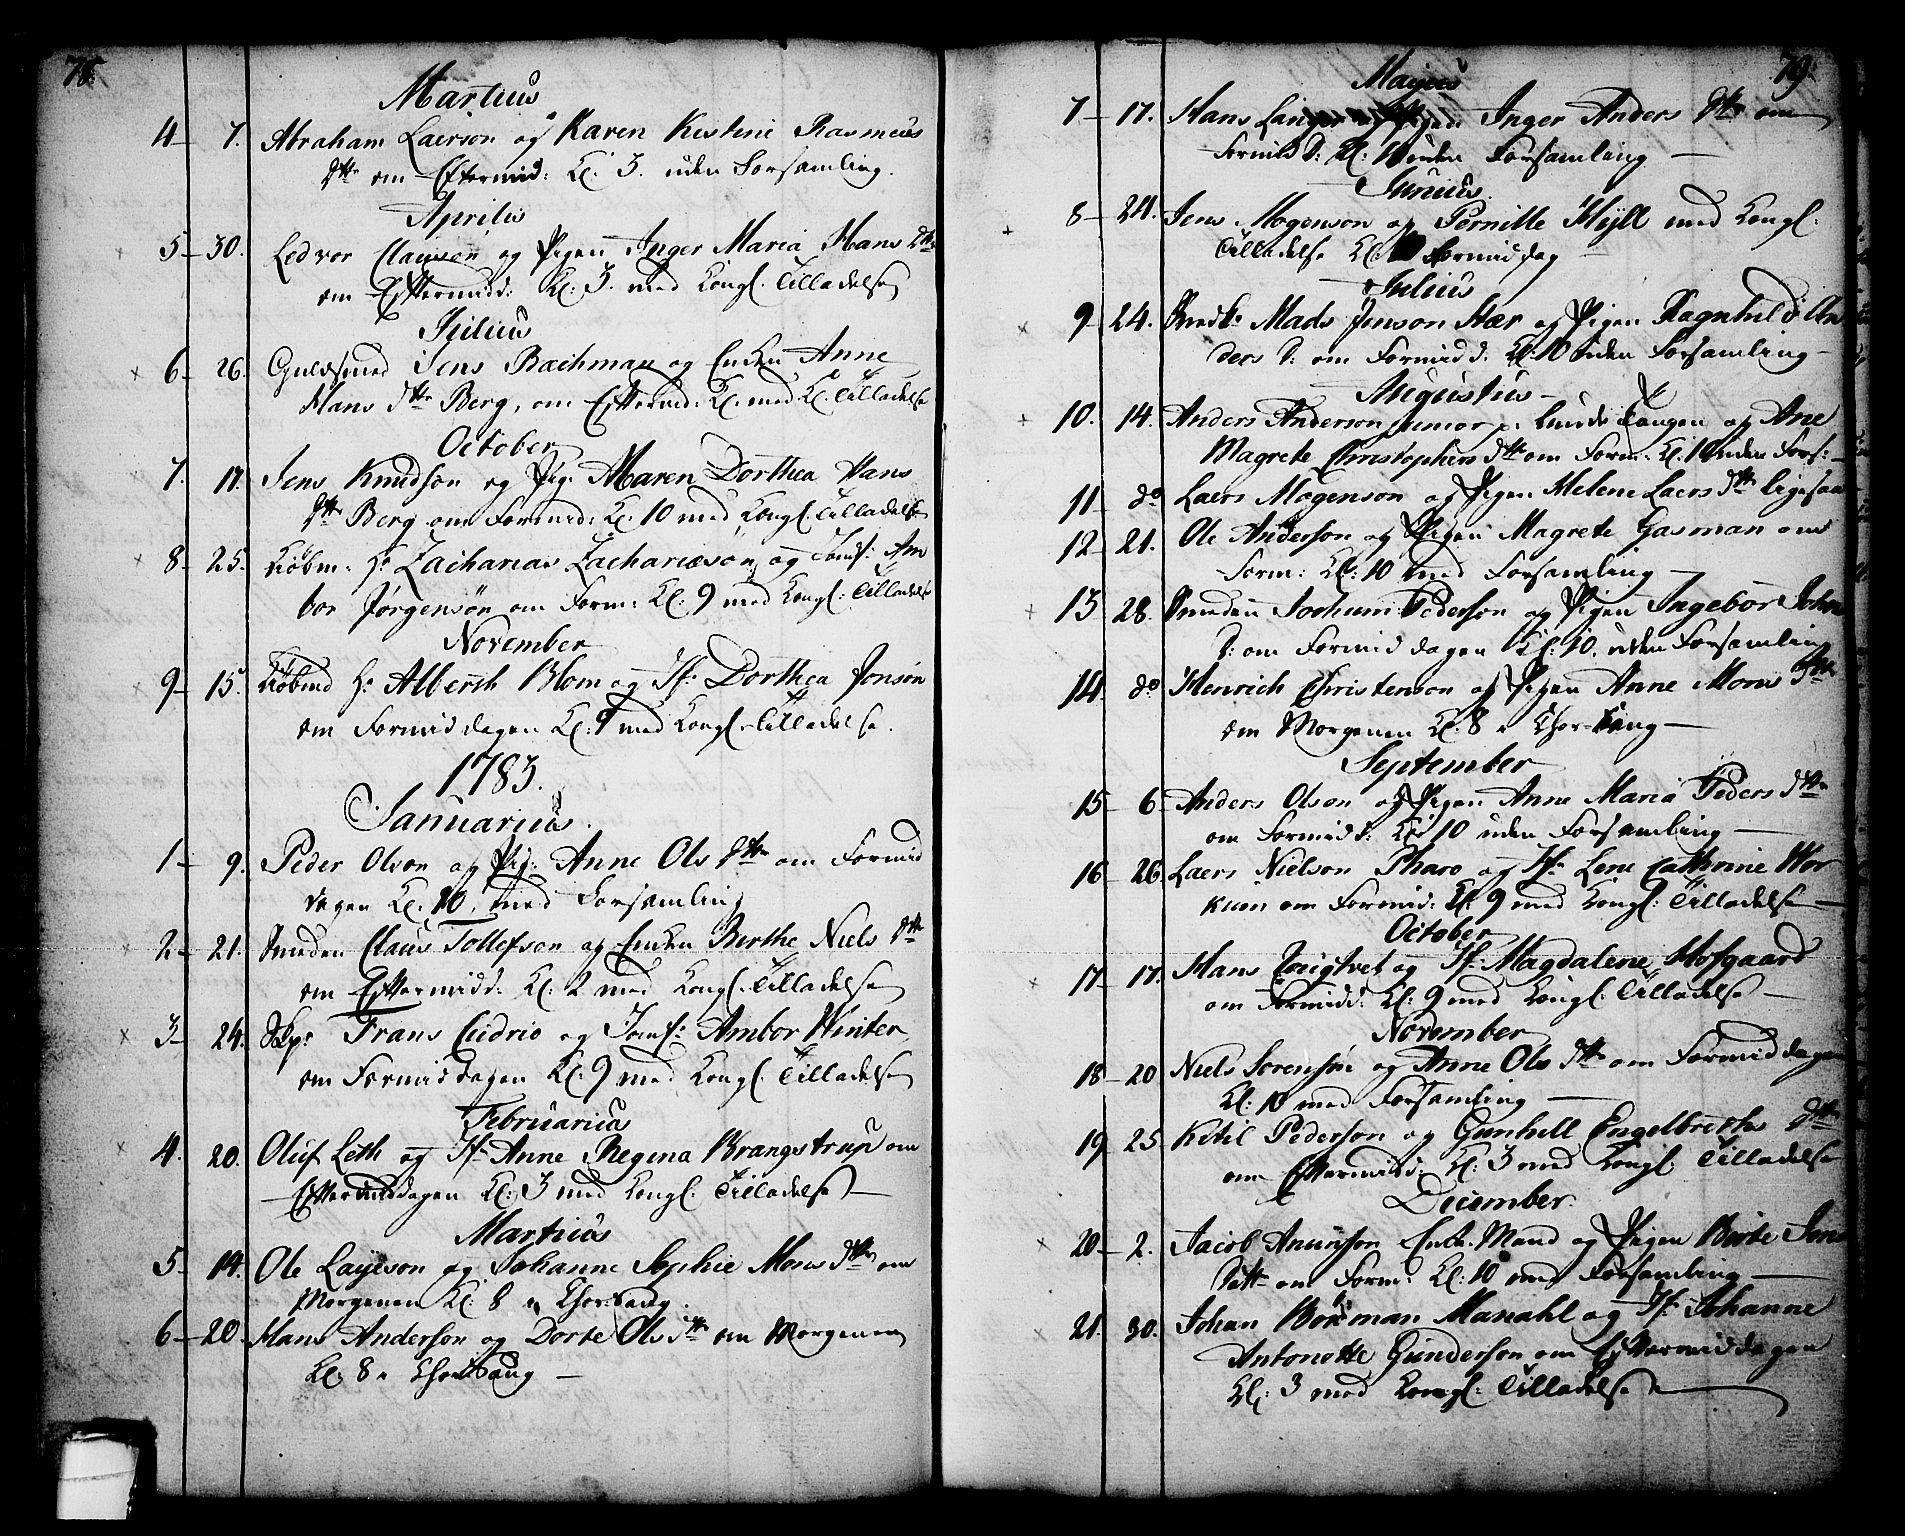 SAKO, Skien kirkebøker, F/Fa/L0003: Ministerialbok nr. 3, 1755-1791, s. 78-79